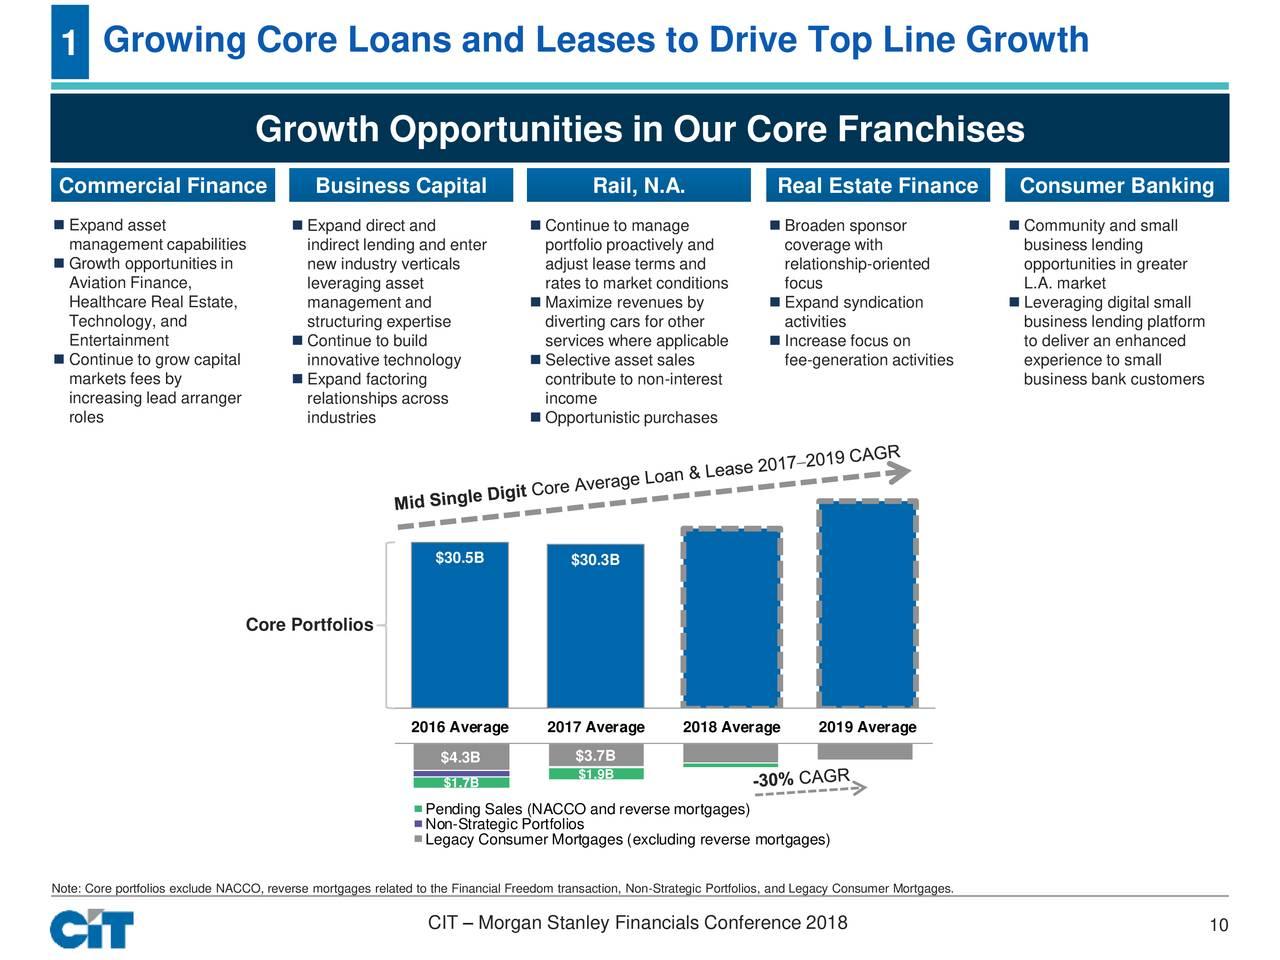 CIT (CIT) Presents At Morgan Stanley Financials Conference